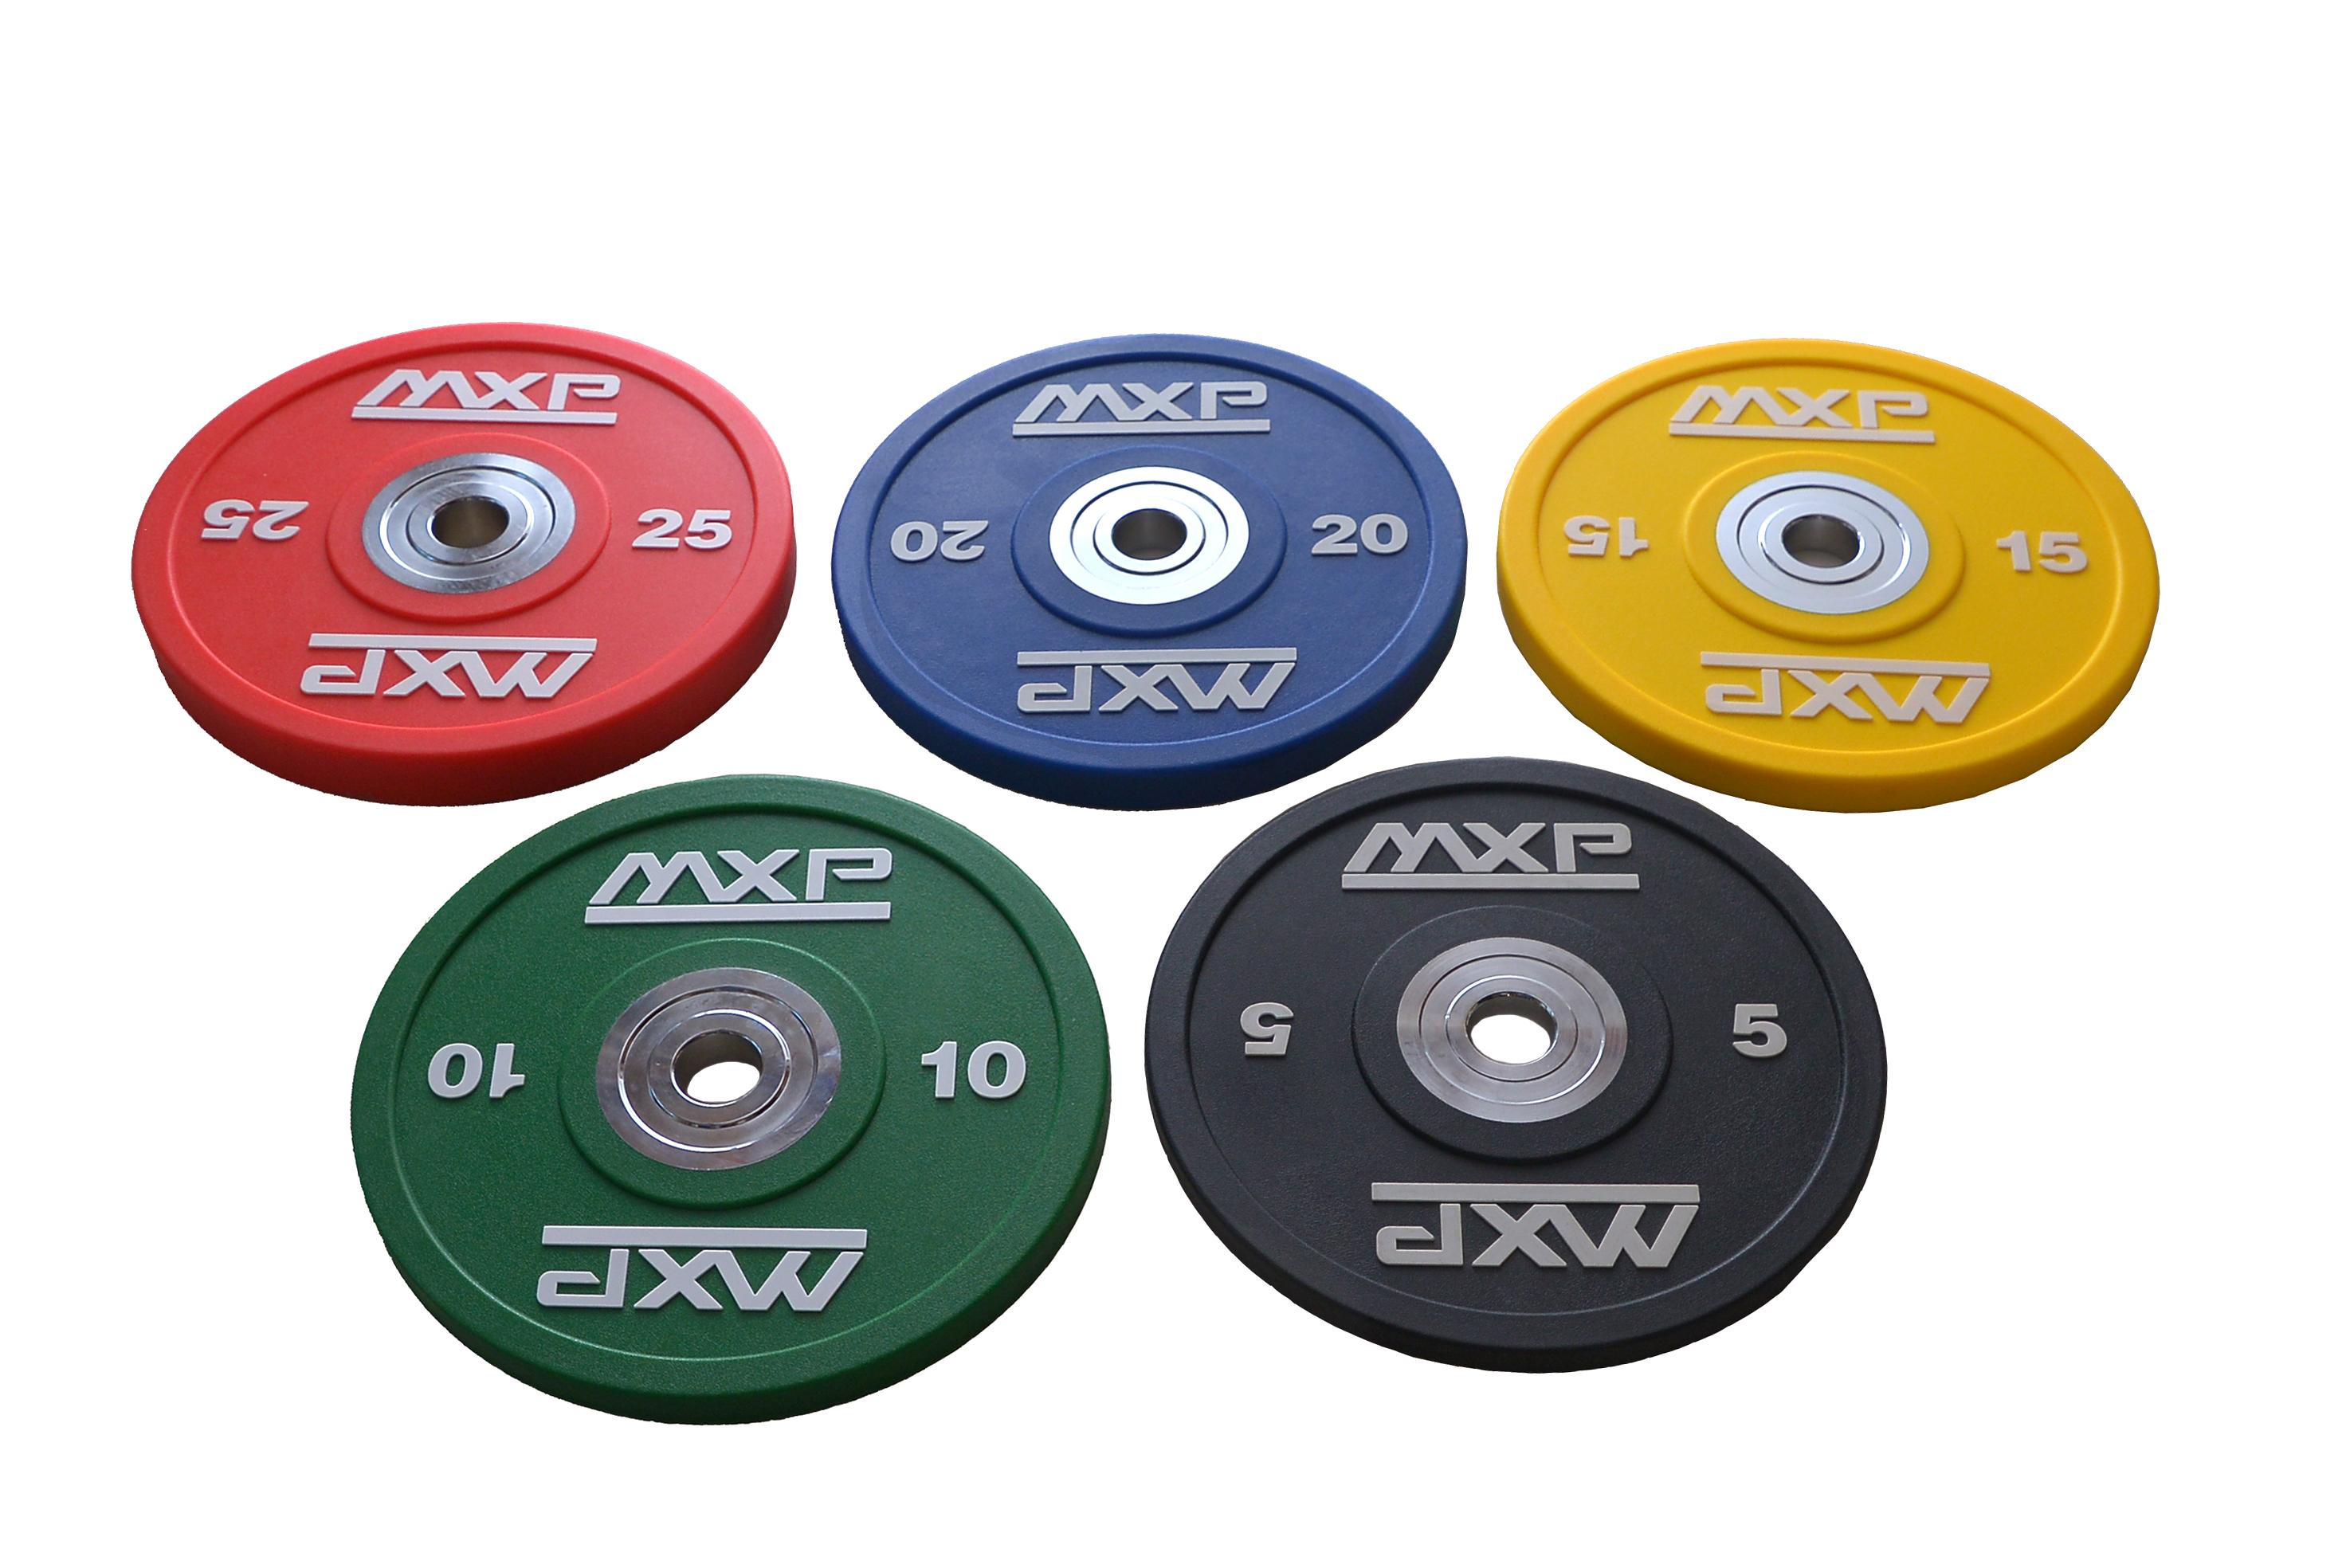 Kotouč Bumper Plate CrossGym - 20 kg